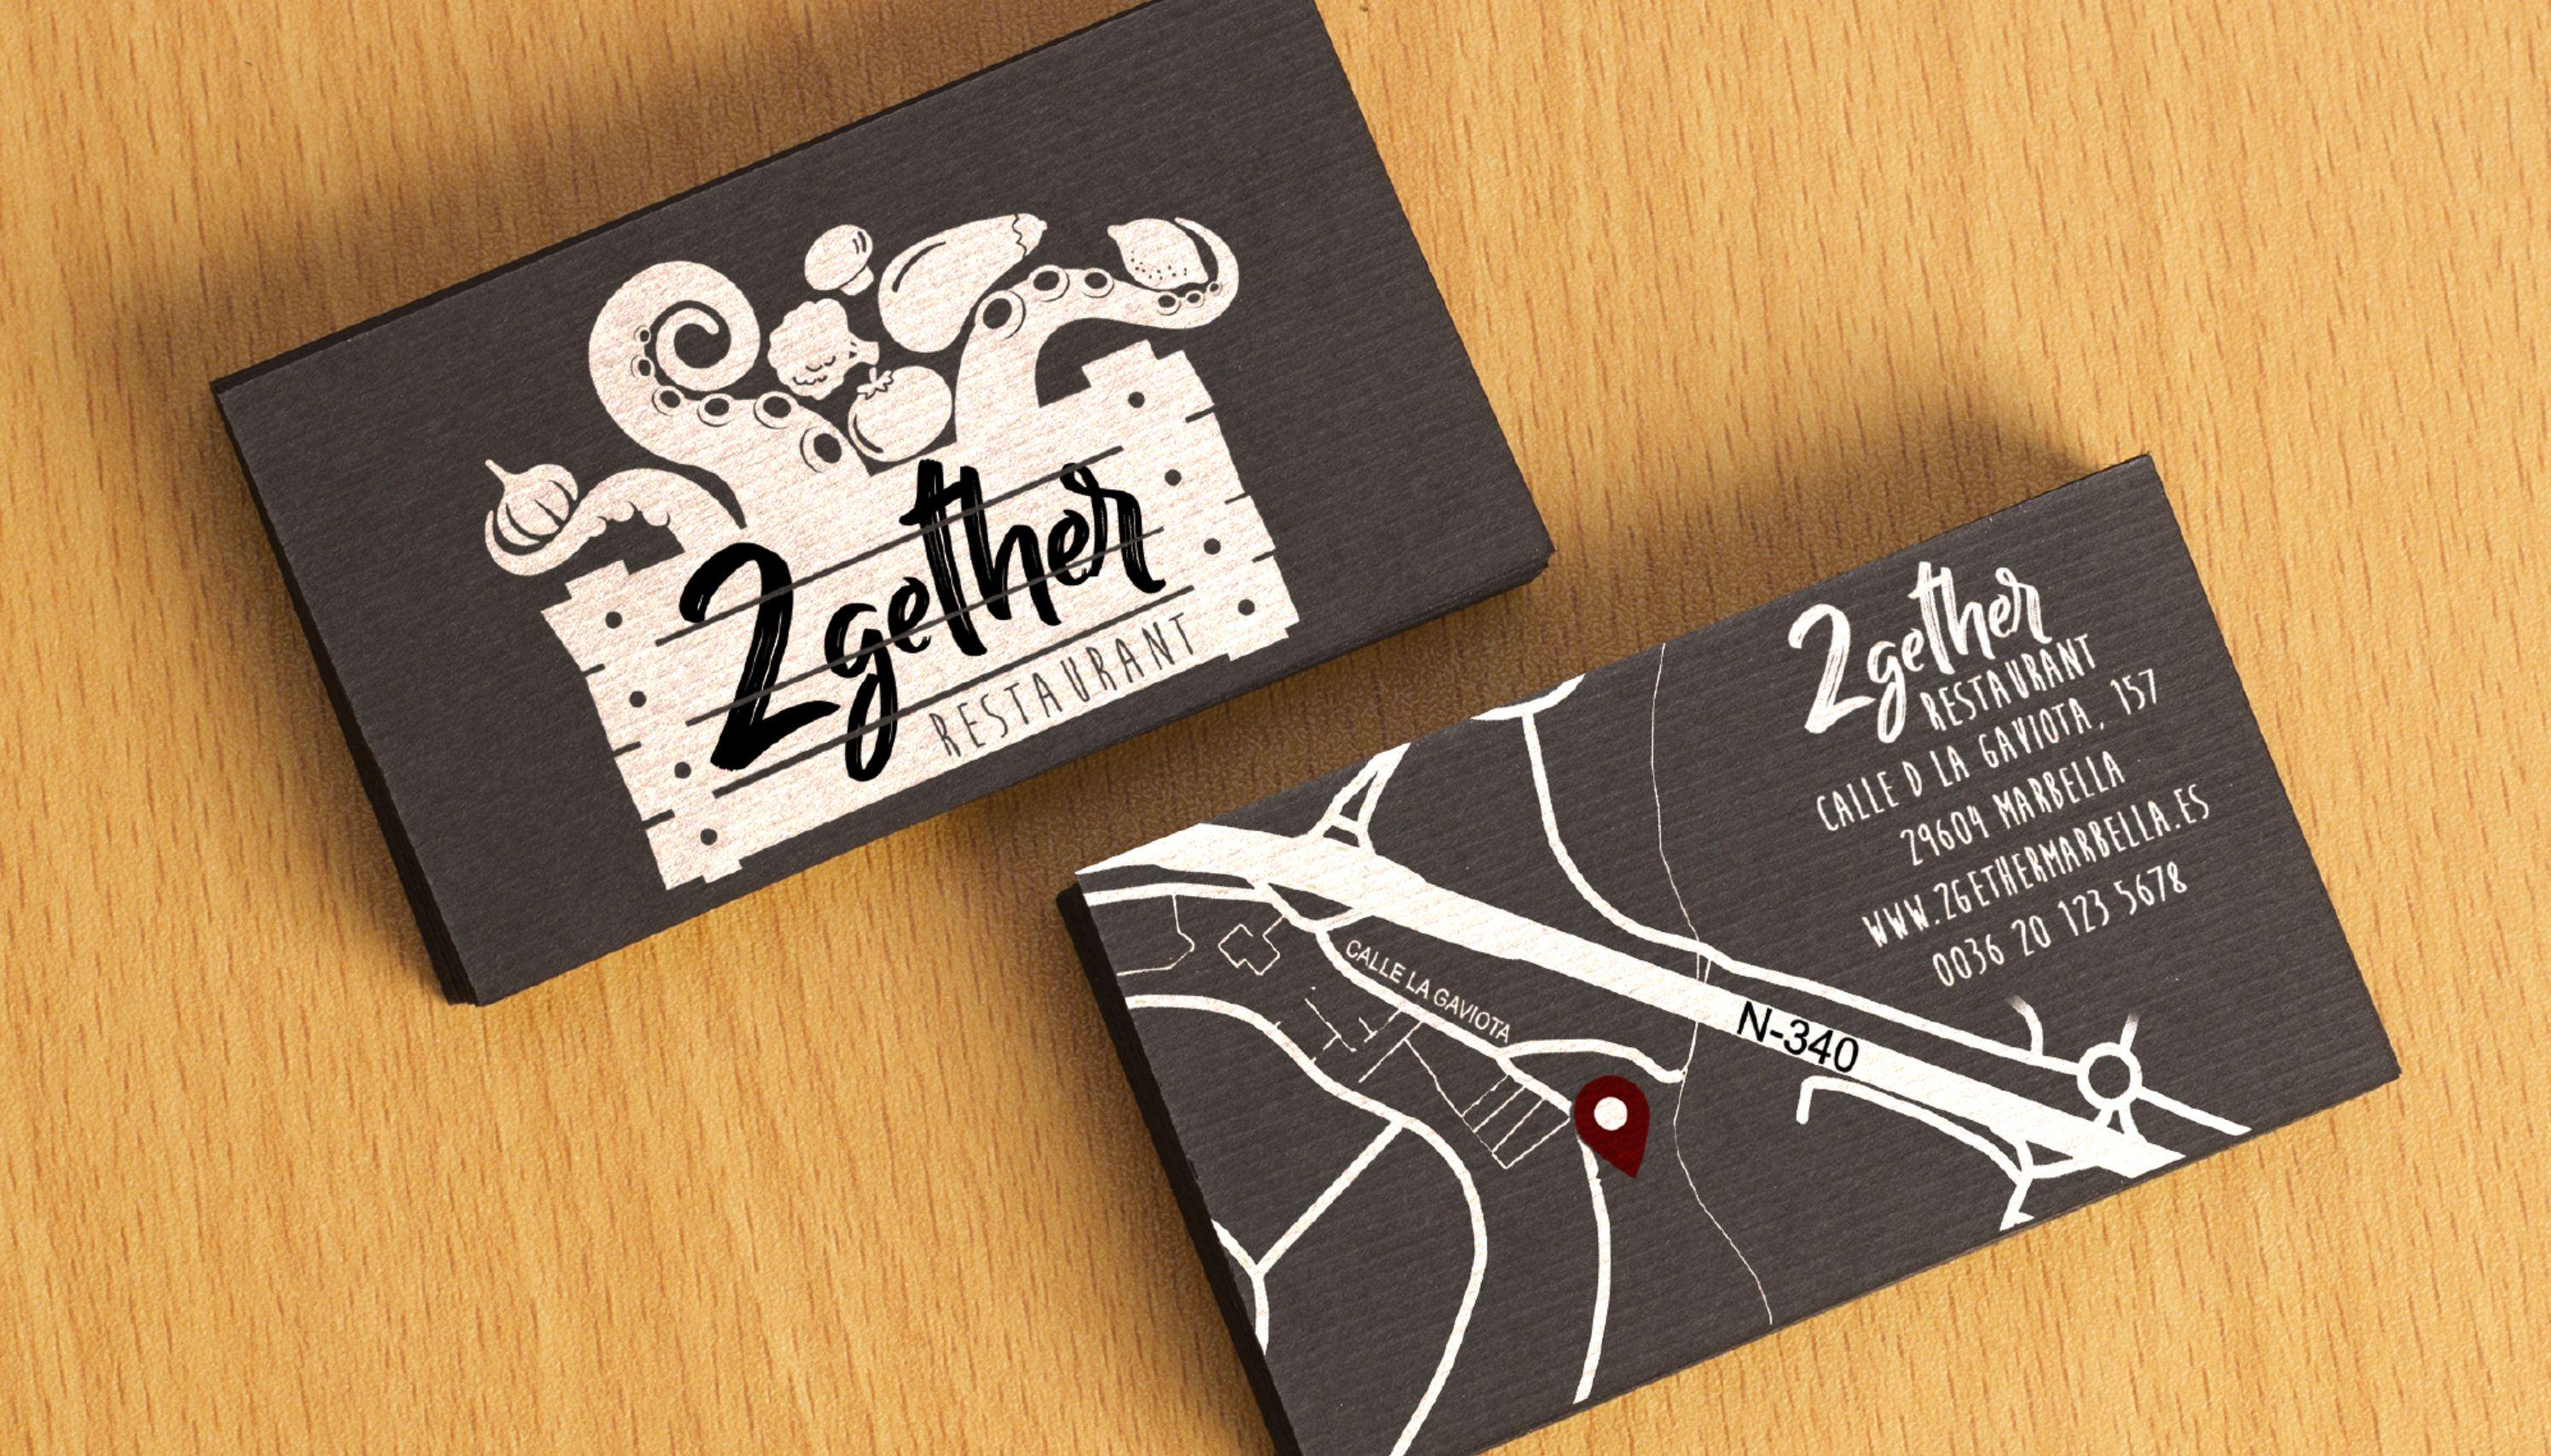 2Gether Restaurant Marbella névjegy design és arculat tervezés